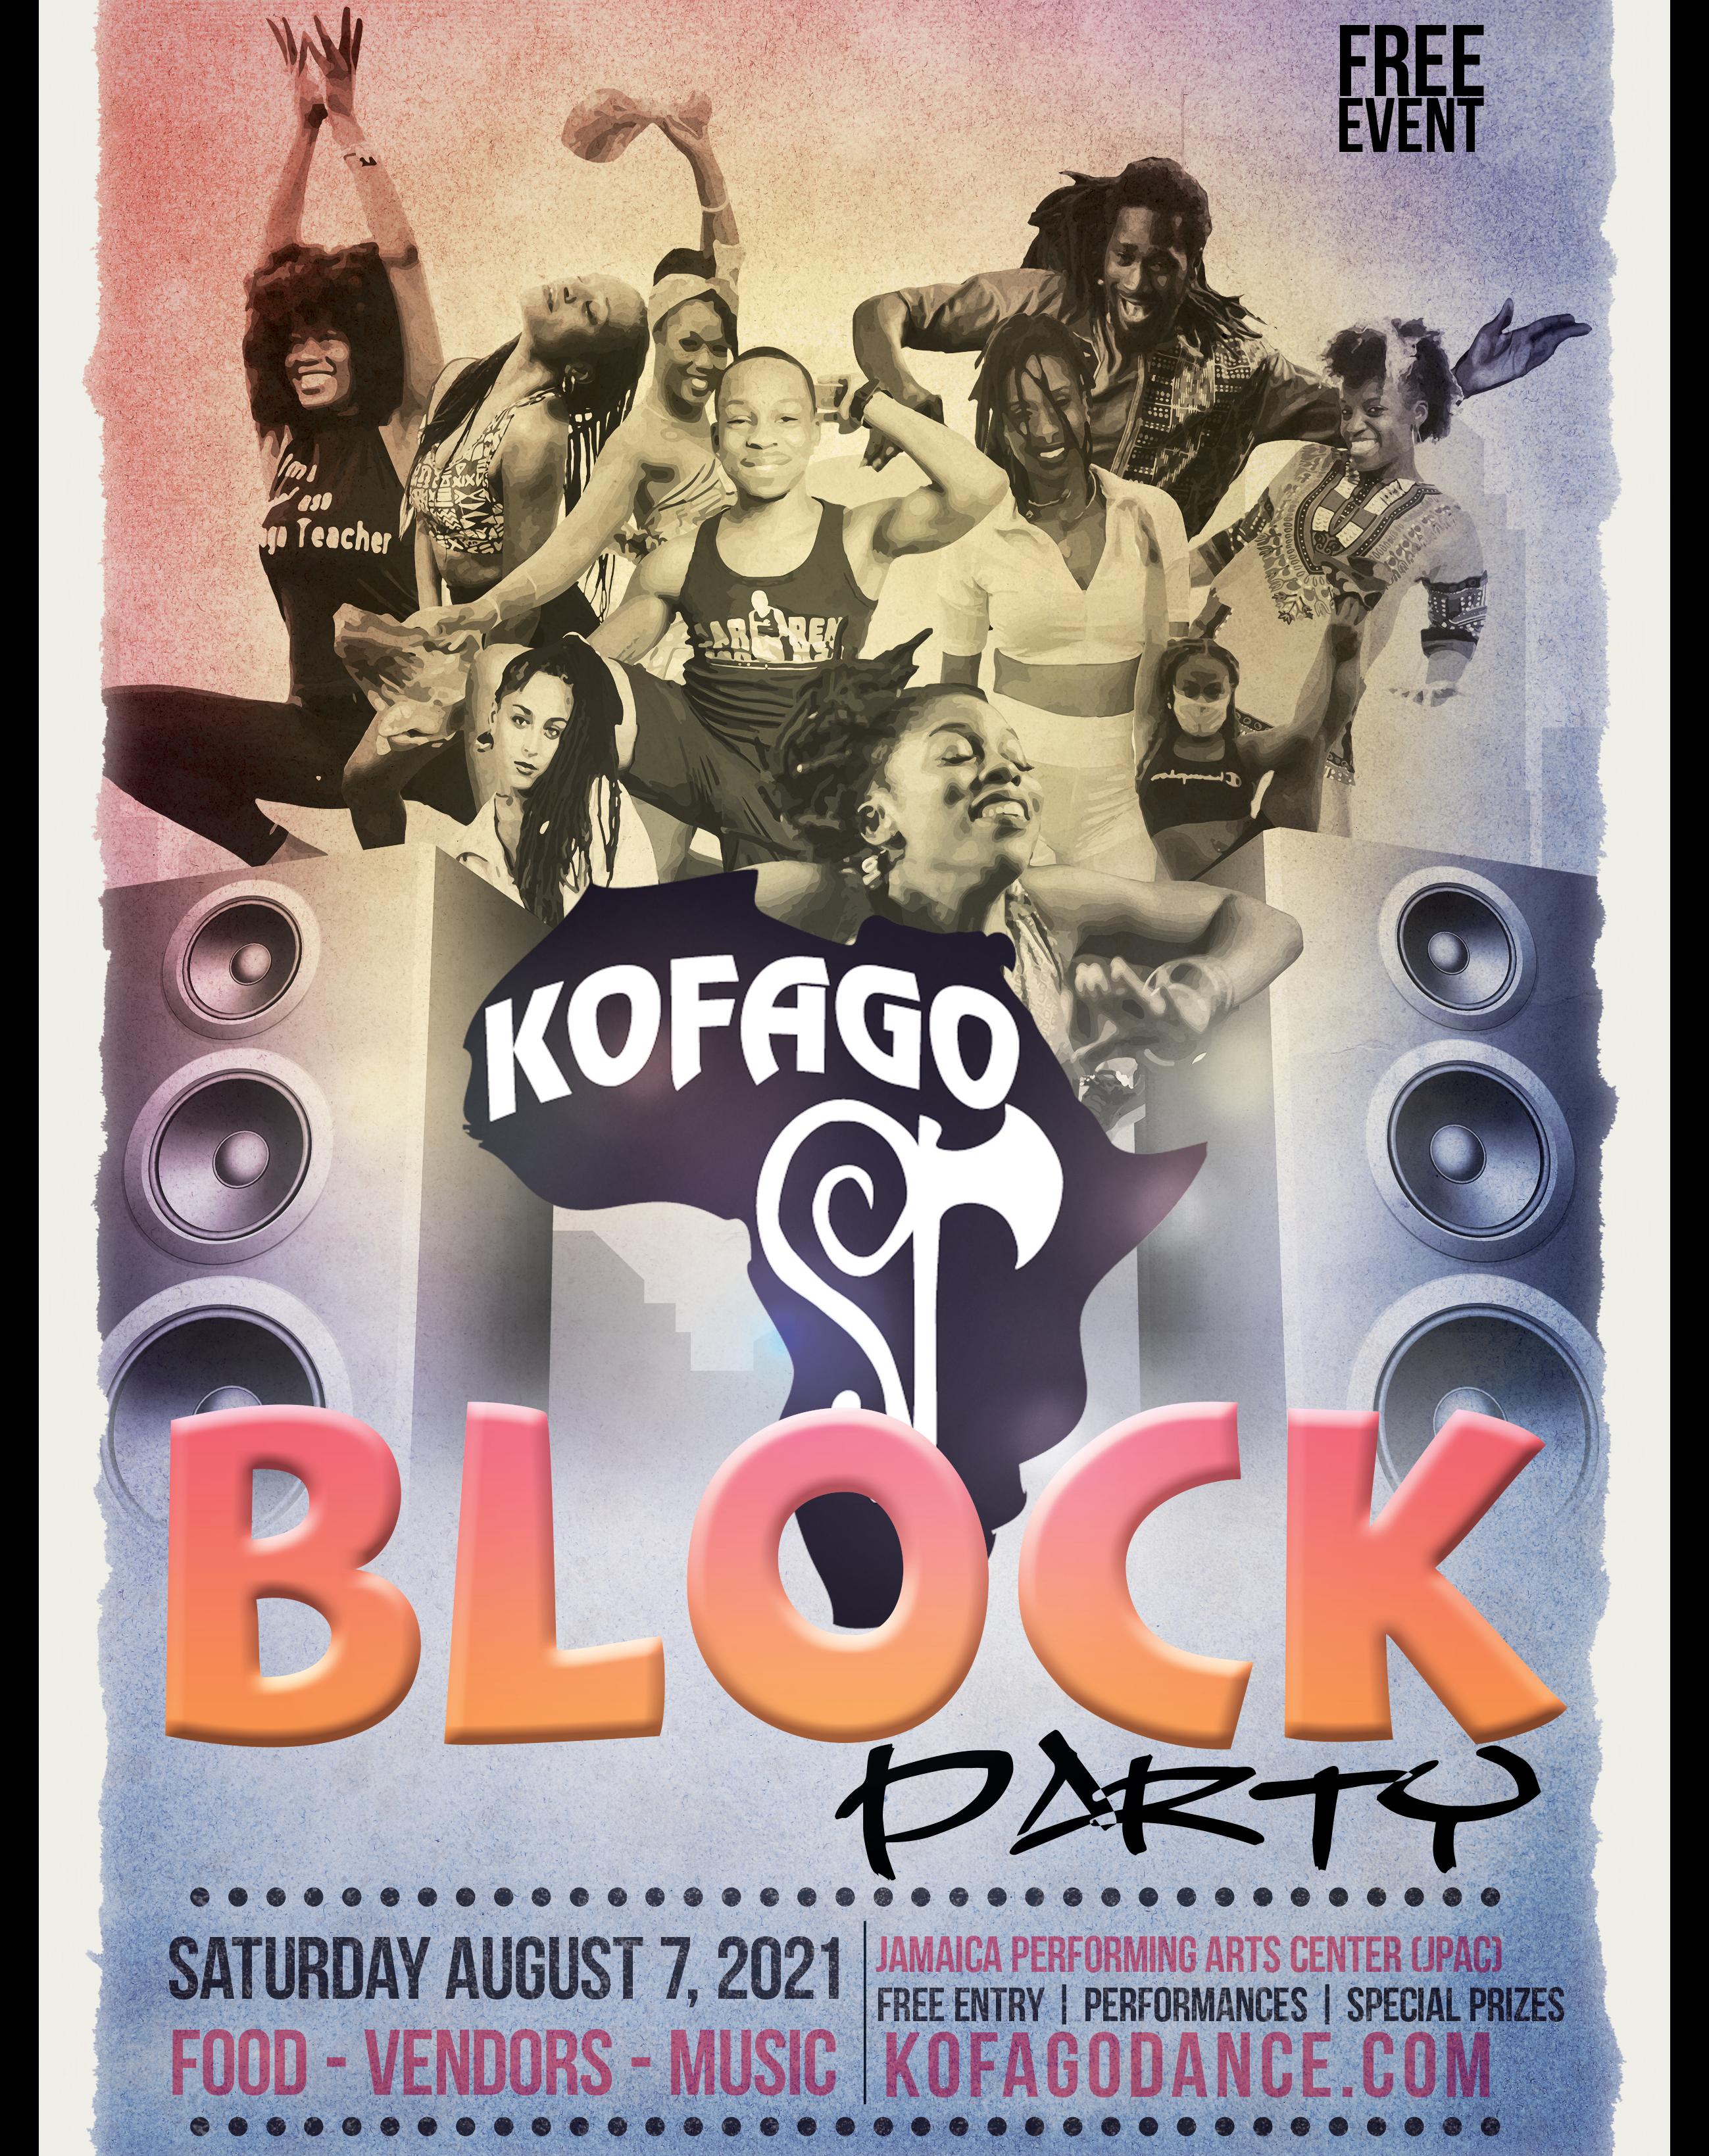 Kofago Block Party